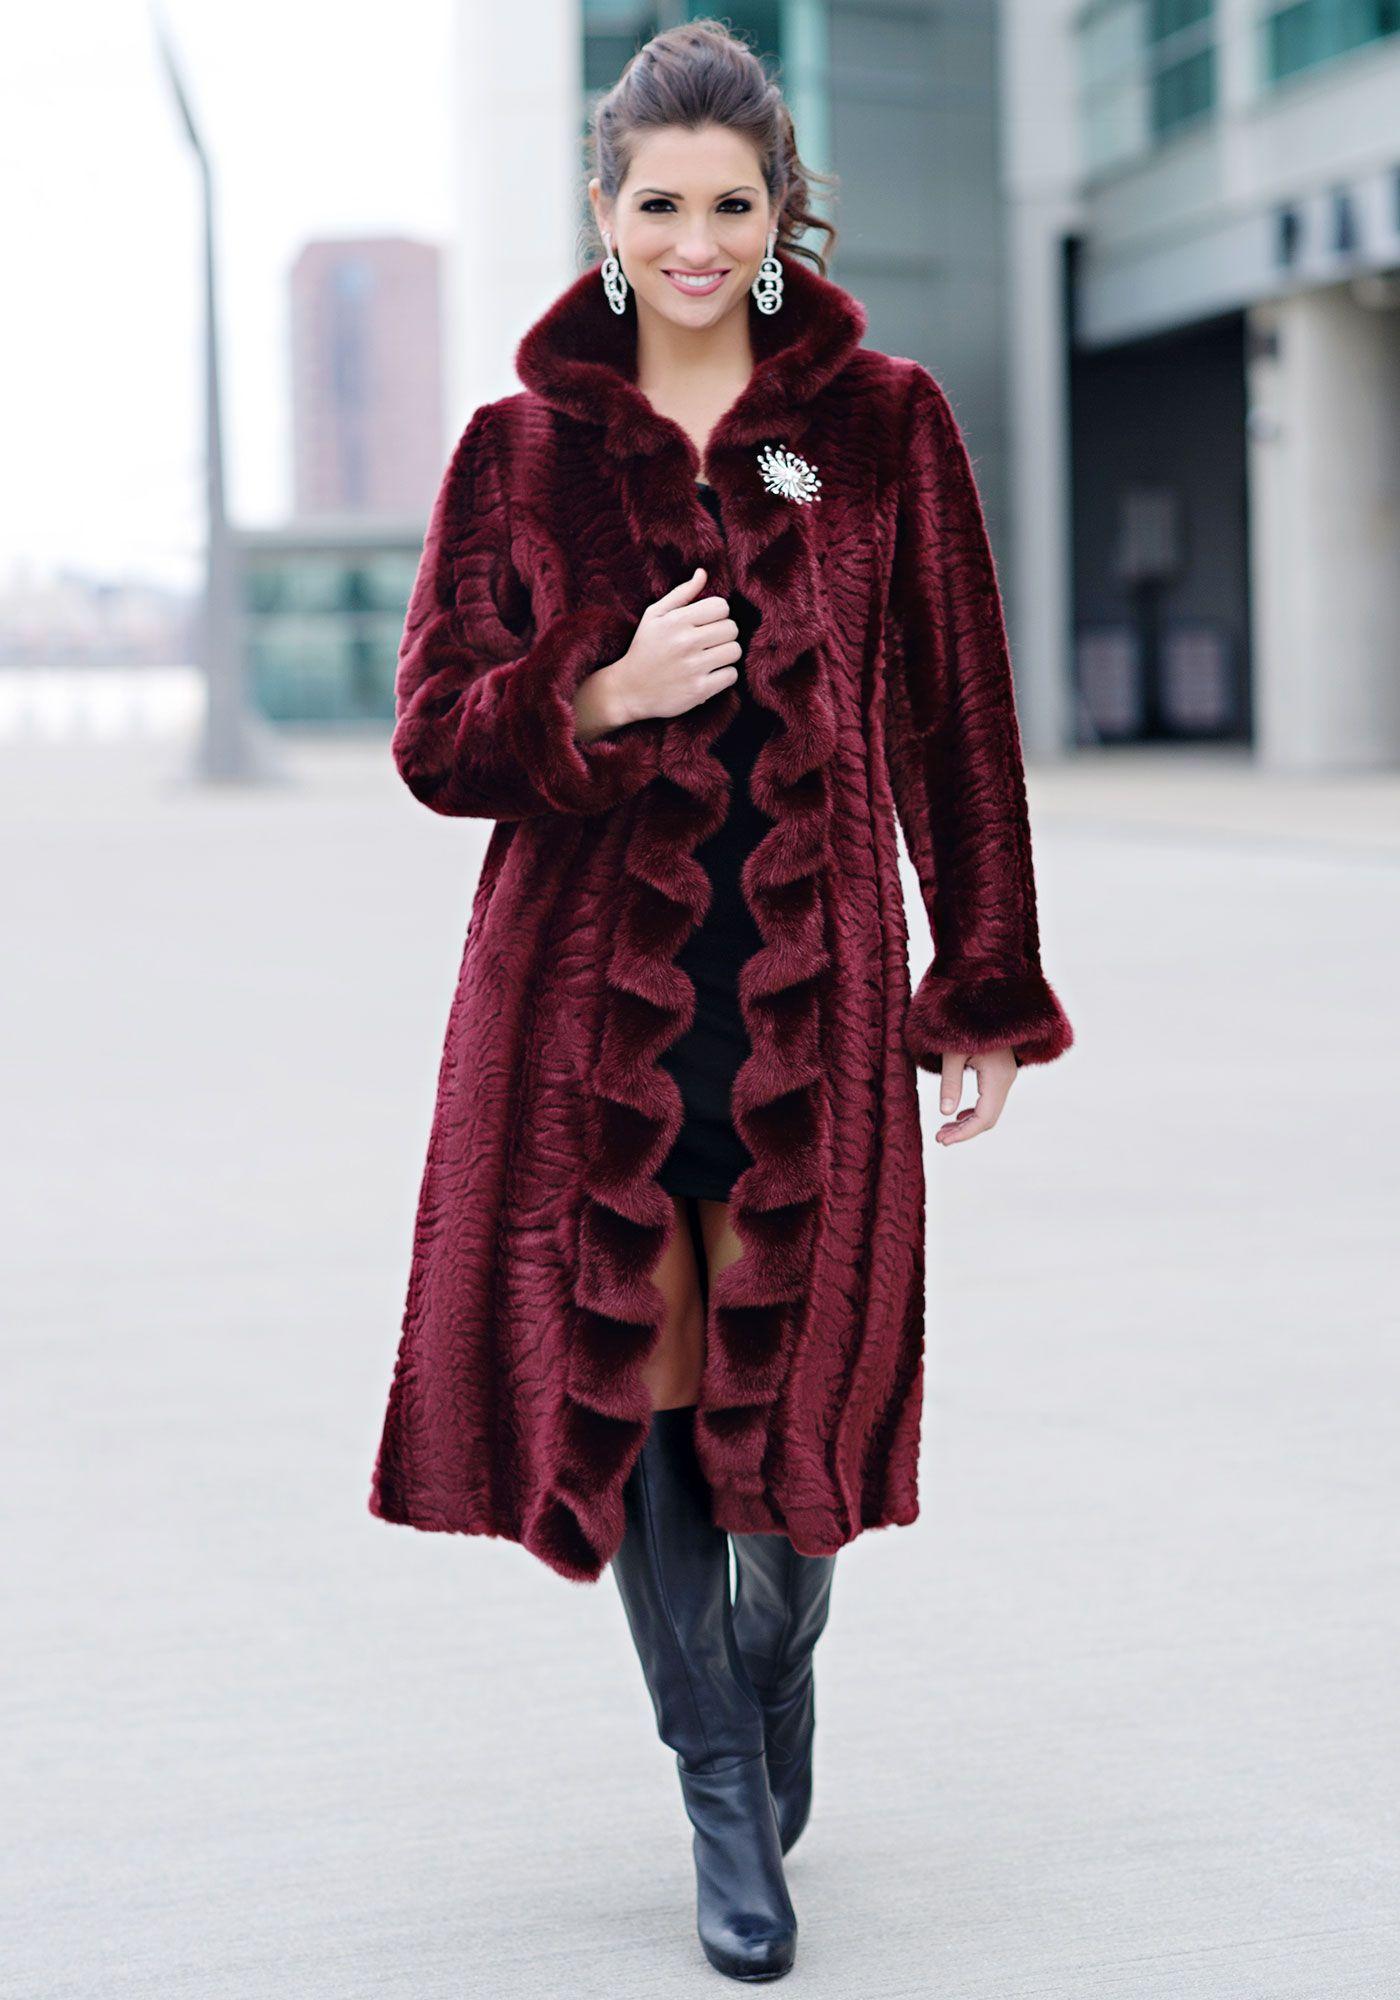 Burgundy Ruffled Broadtail Full-Length Faux Fur Coat   Fur coat ...